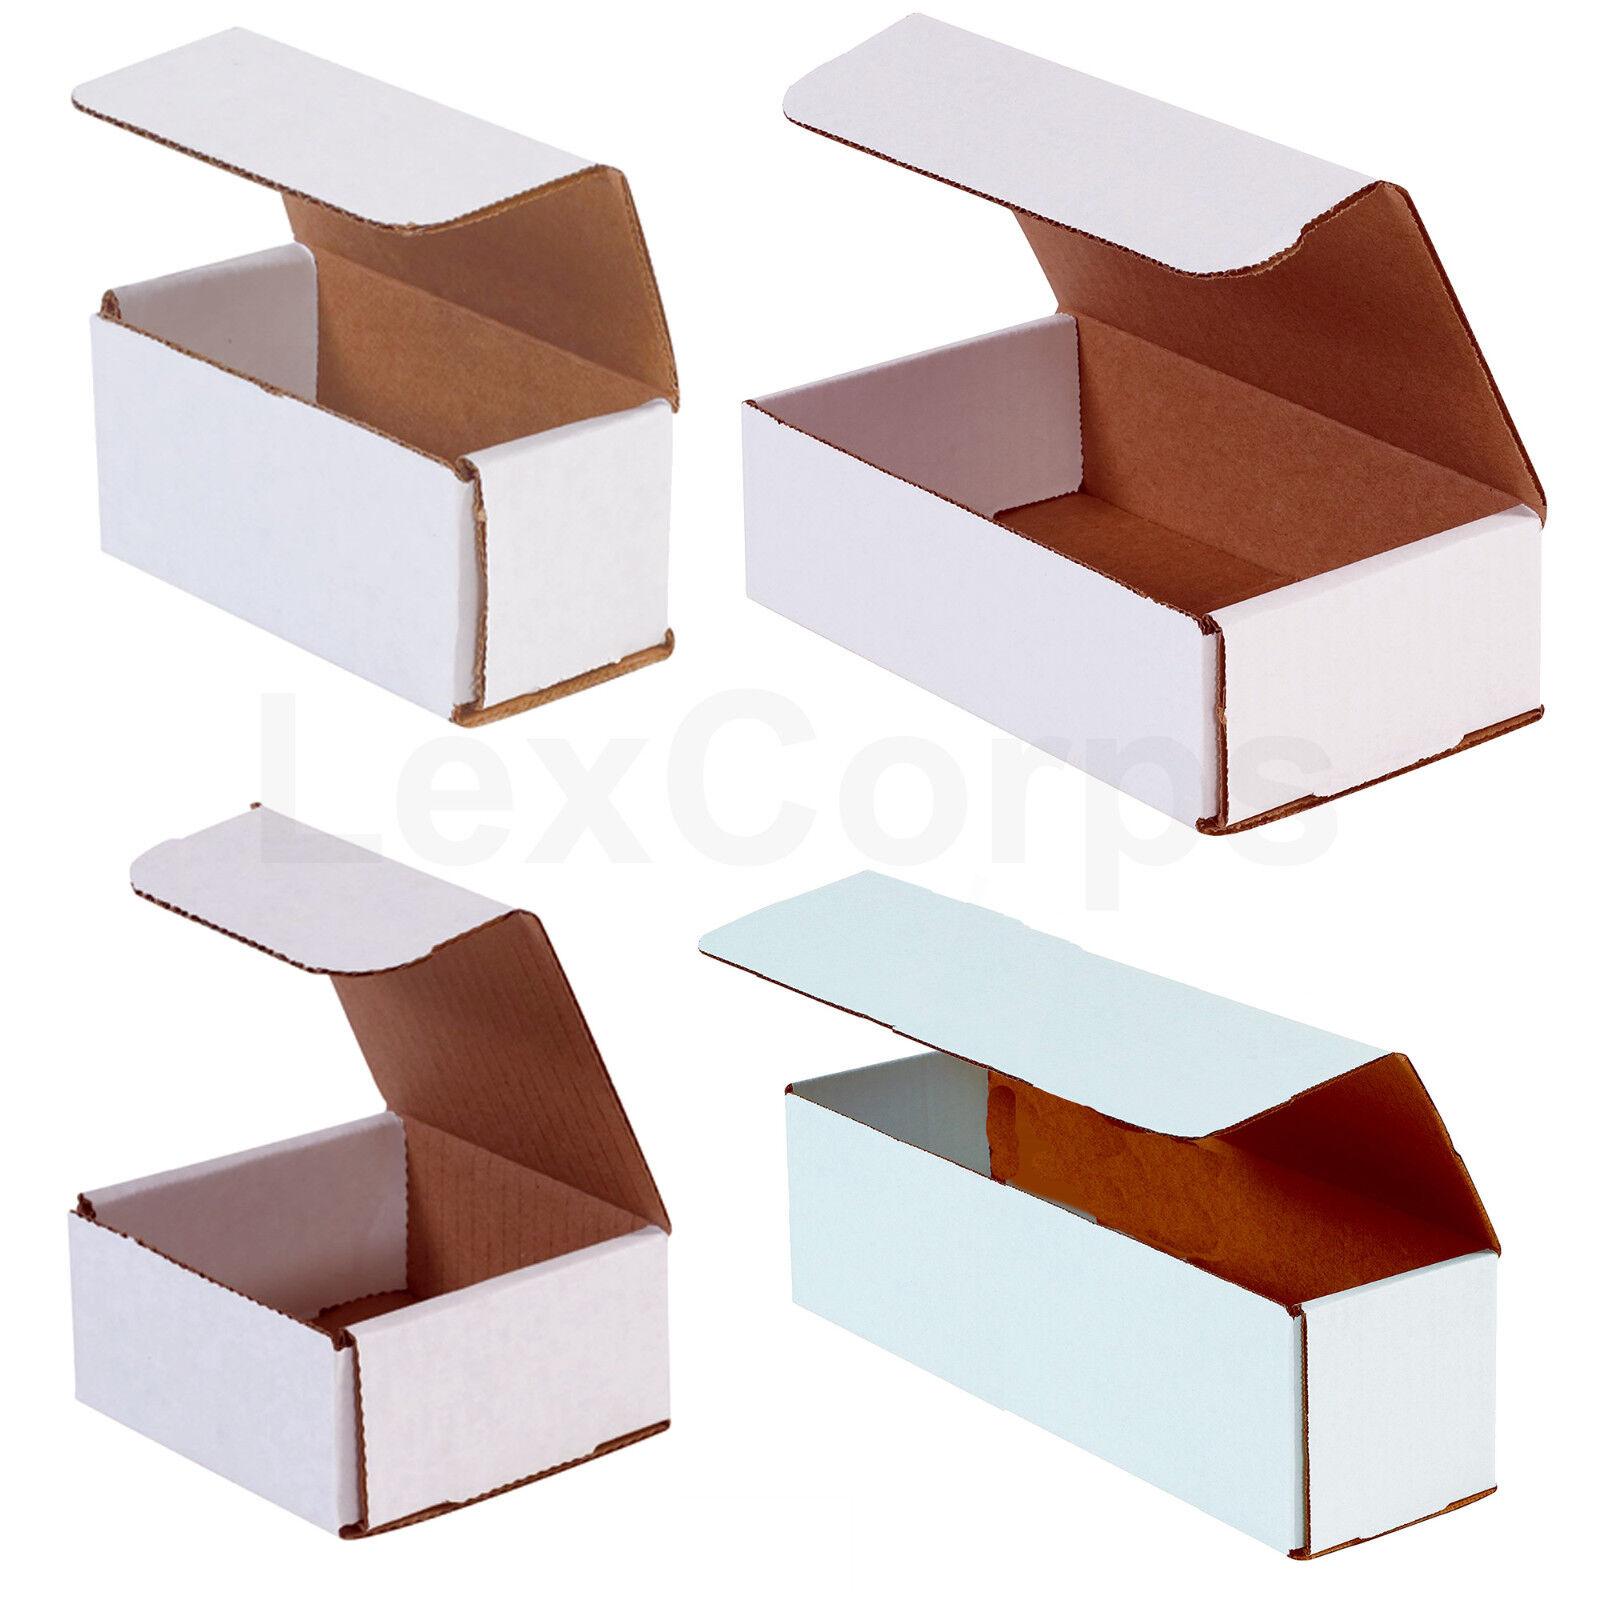 White Corrugated Mailers MANY SIZES 50 100 200 Shipping Packing Fold Box